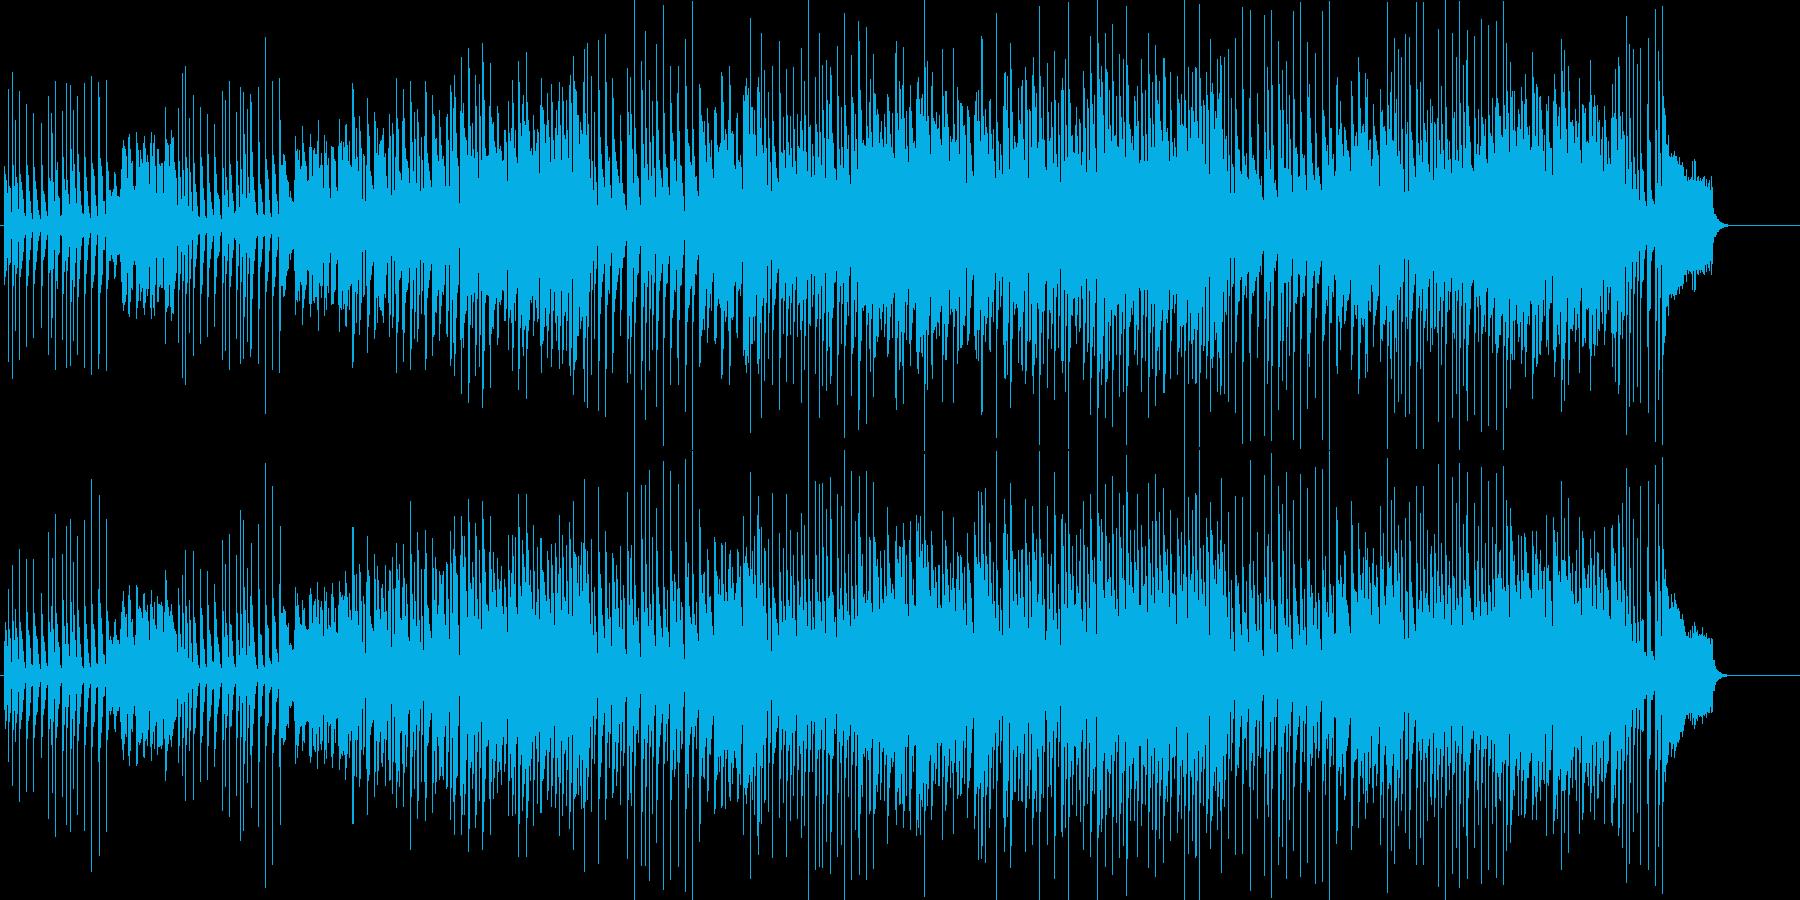 ゼンマイじかけの愛のピエロの再生済みの波形